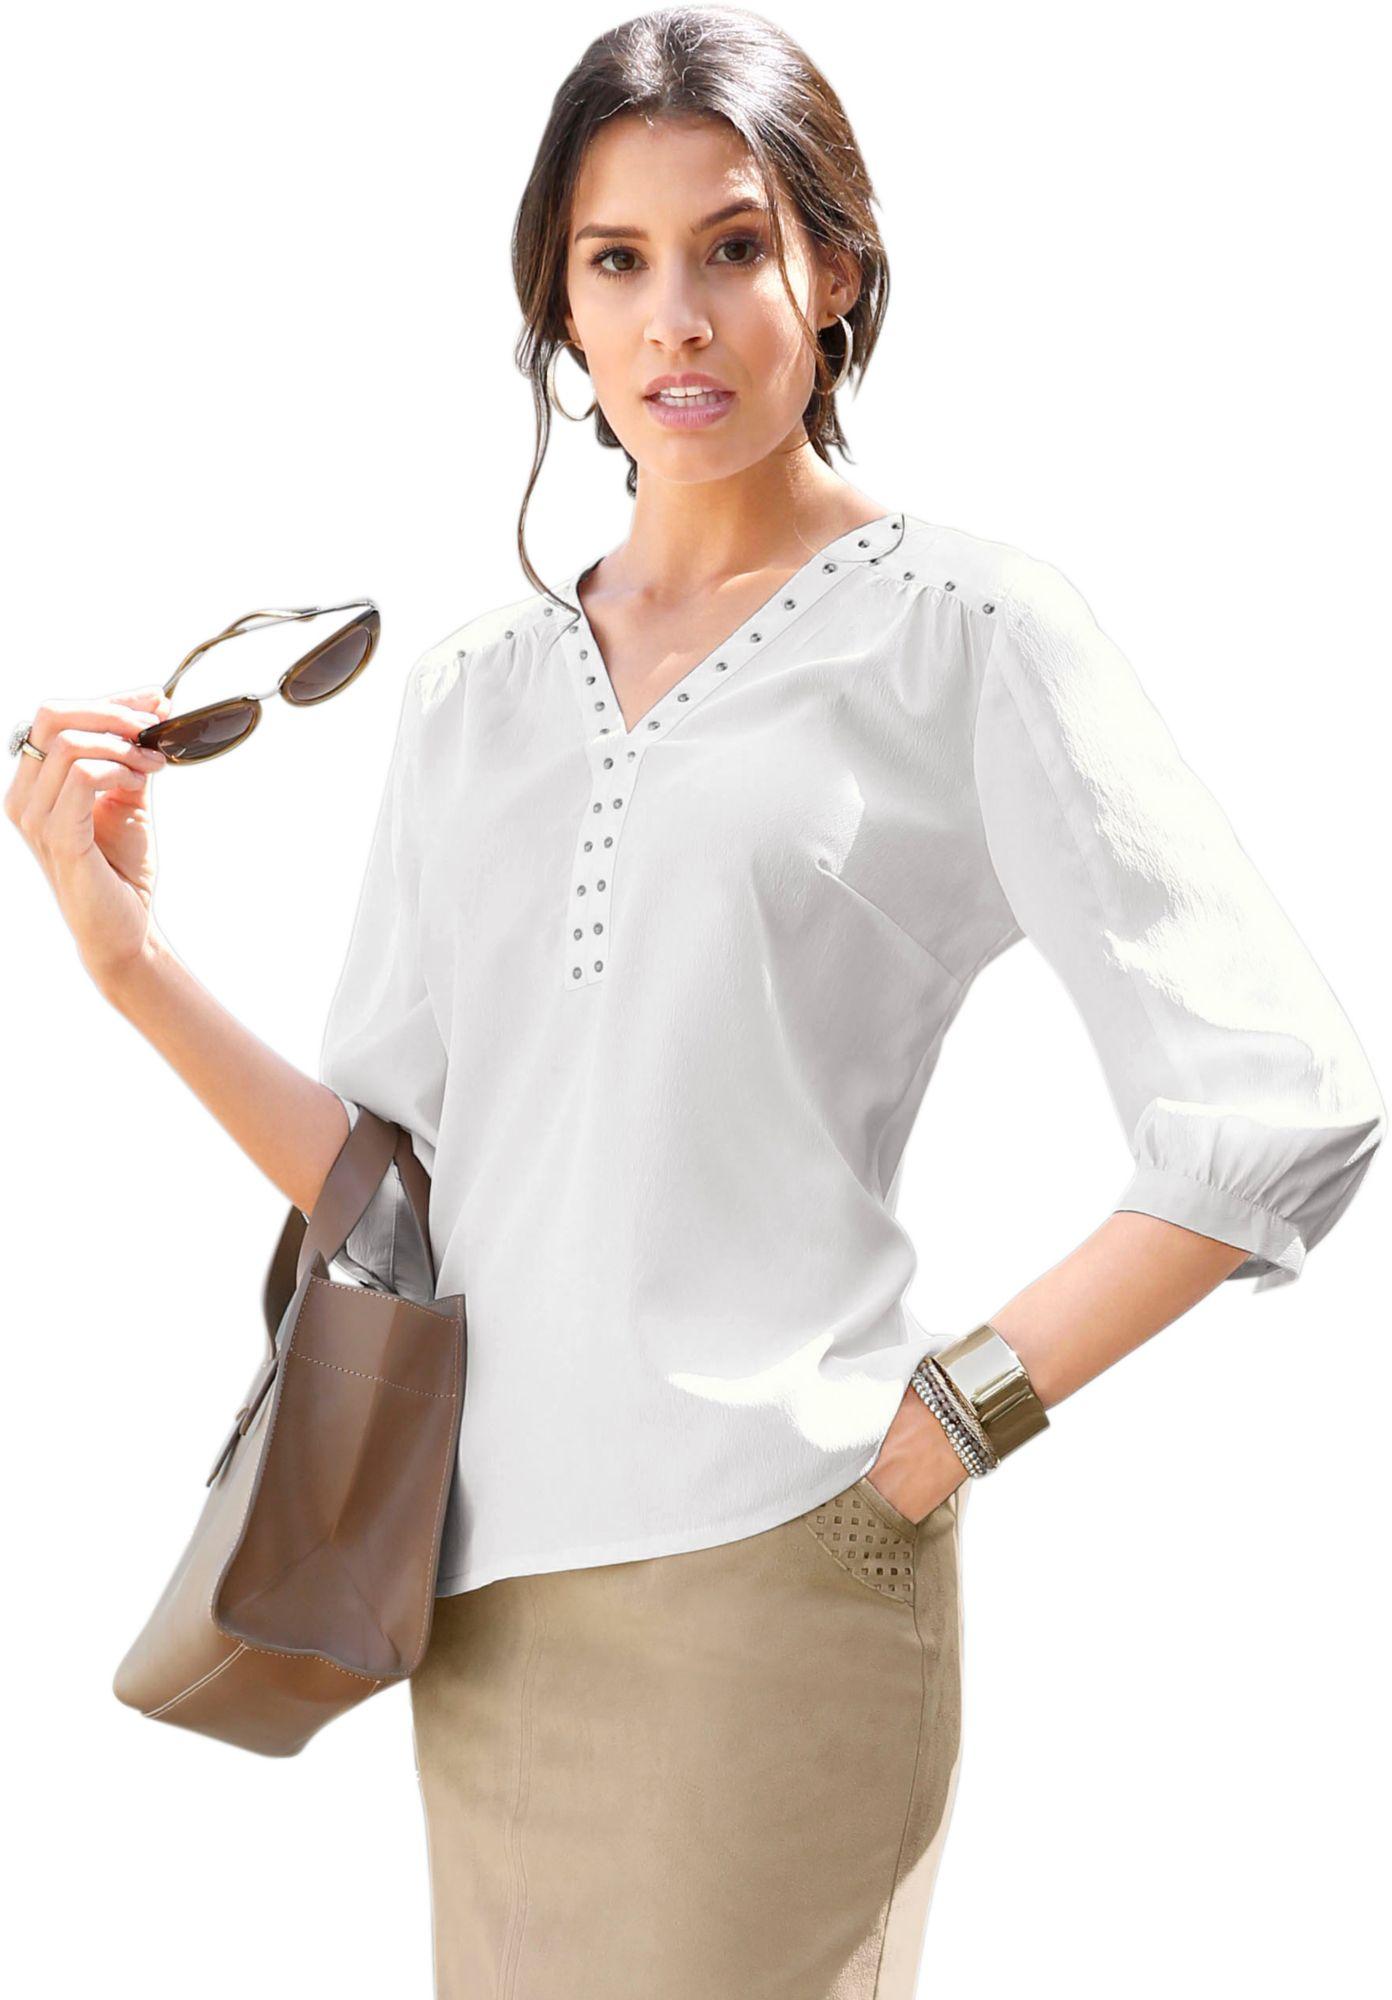 CLASSIC INSPIRATIONEN Classic Inspirationen Bluse mit dekorativen Metall-Plättchen